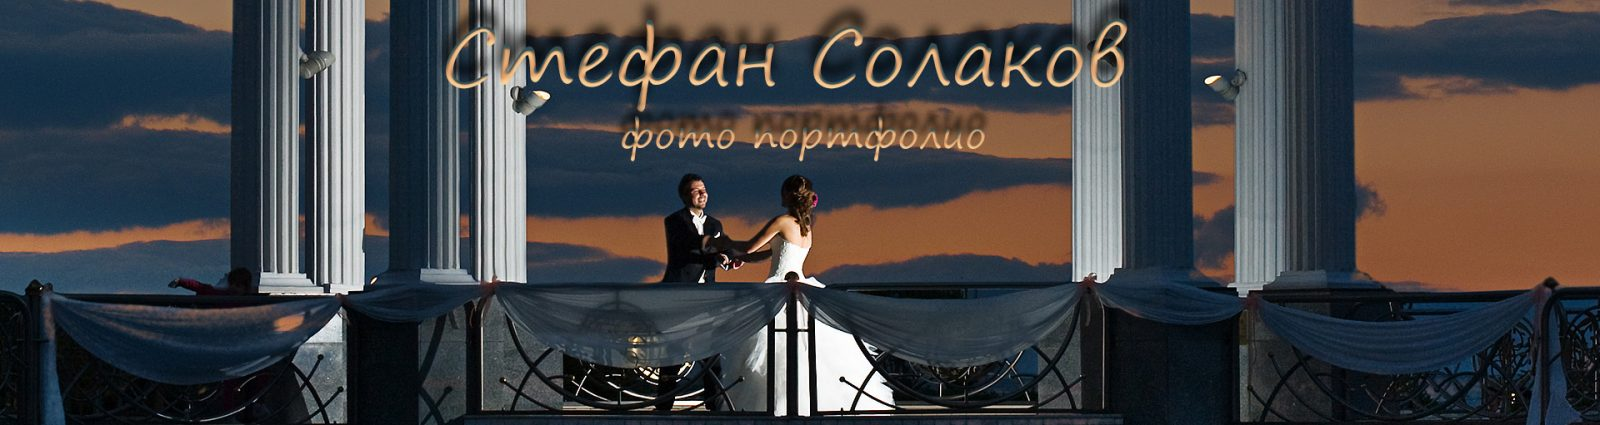 Стефан Солаков фотография